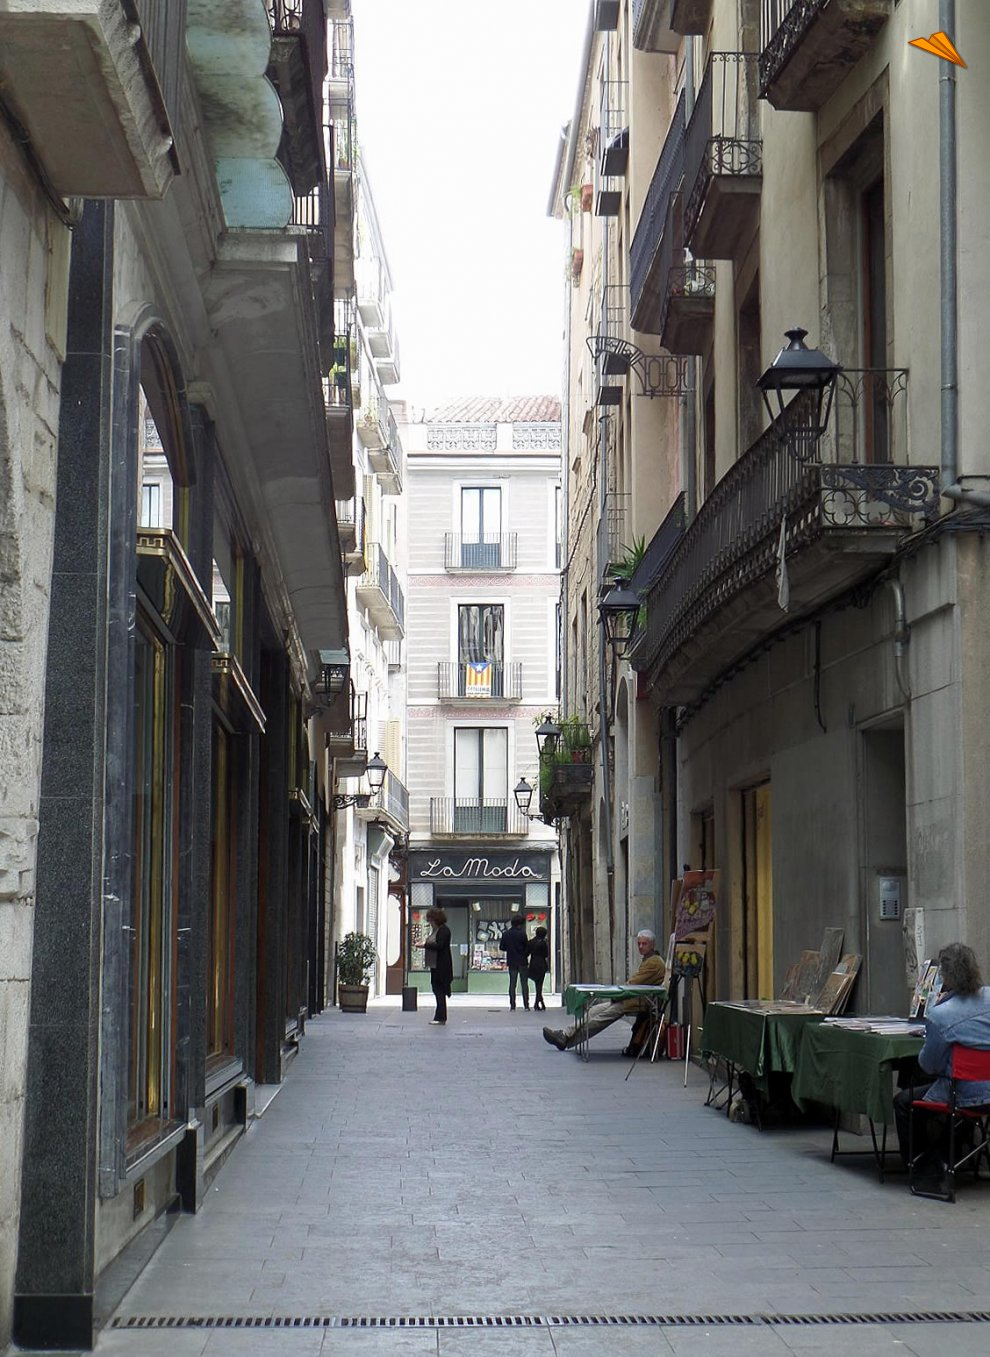 Calle de la ciudad gremial casco antiguo de gerona fotos de viajes turismo gerona - Casco antiguo de girona ...